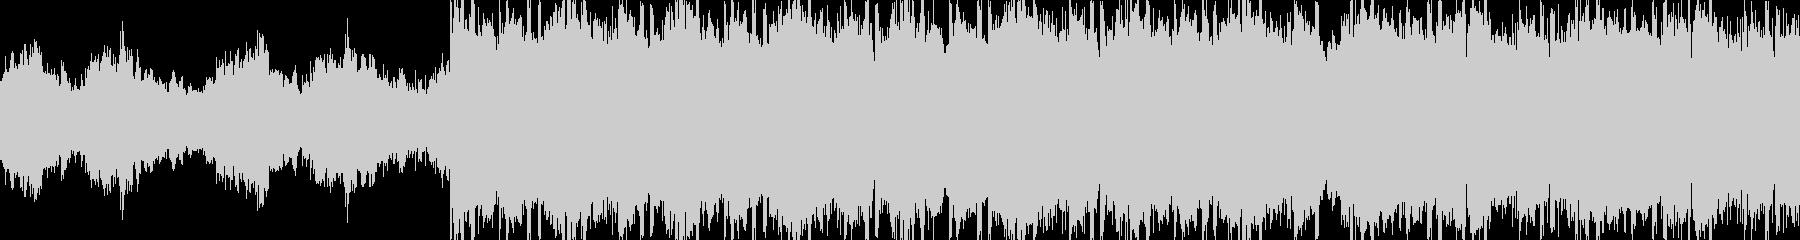 ループ仕様・クール・ピアノ・HIPHOPの未再生の波形